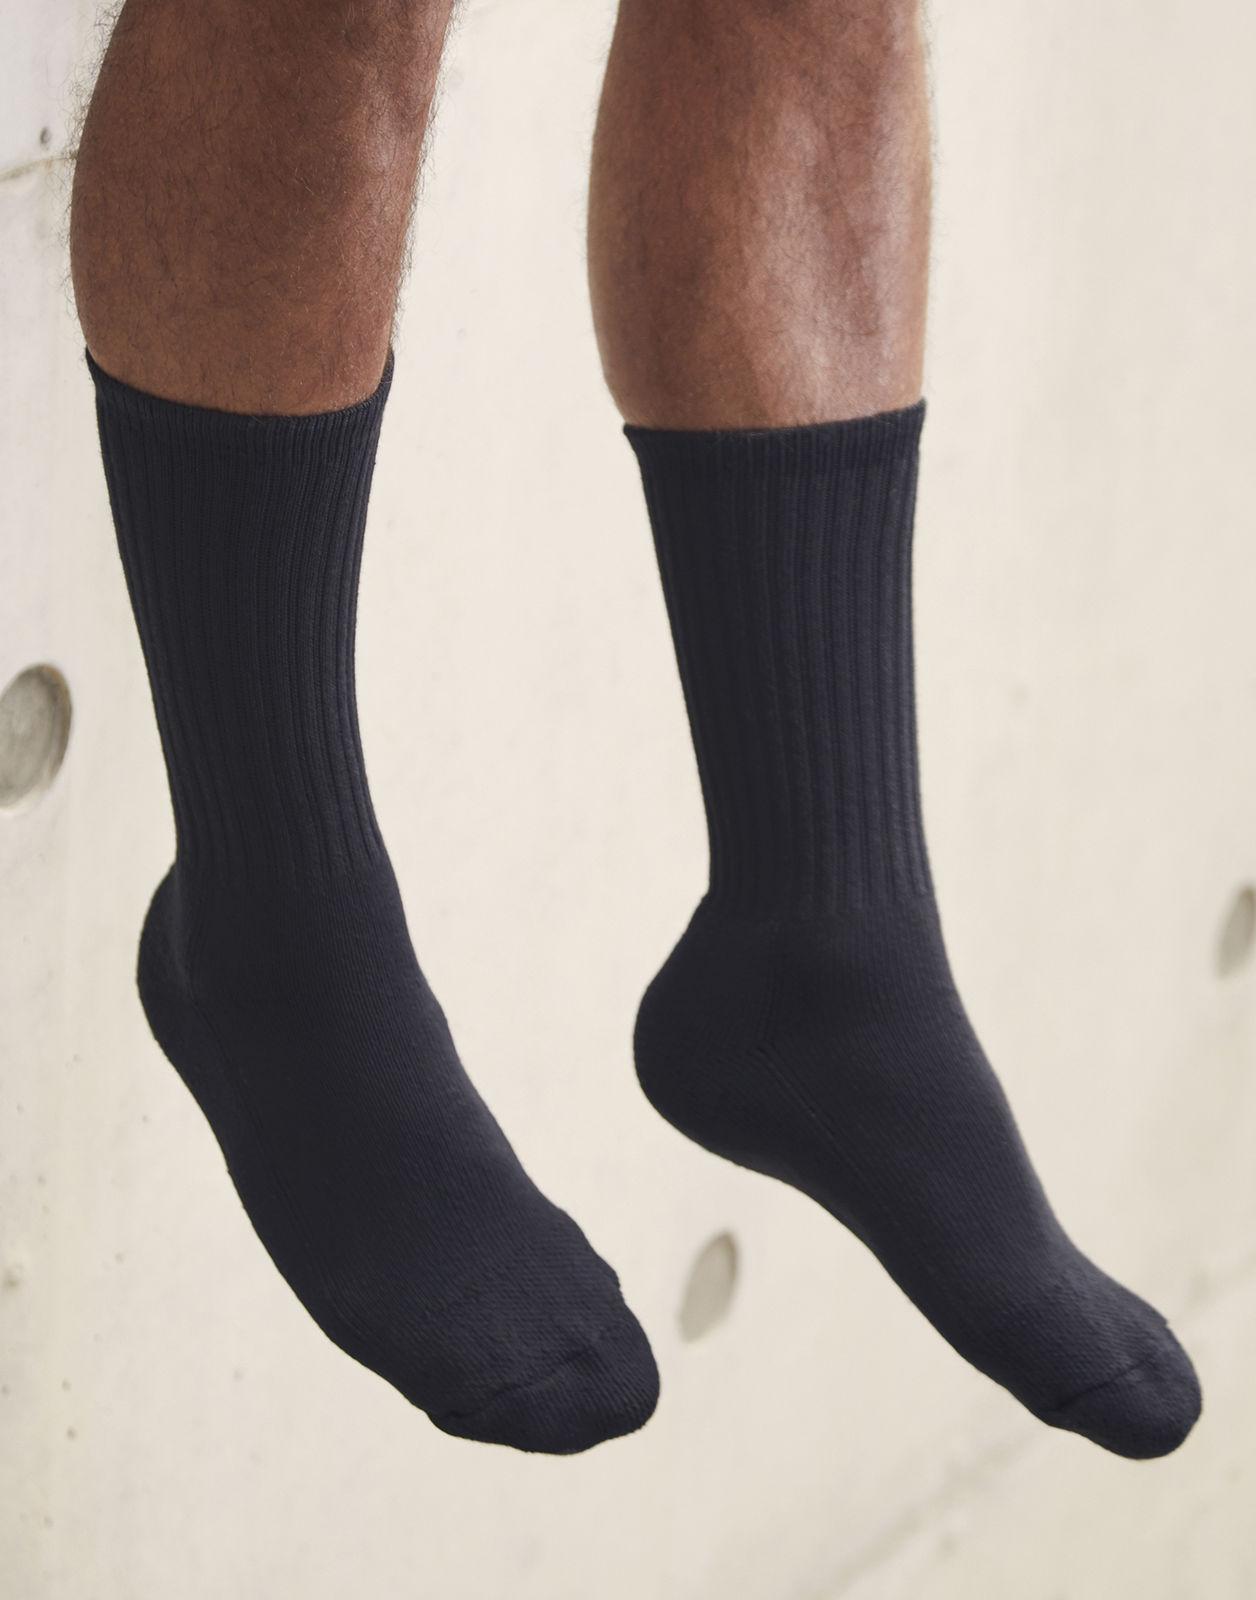 grande vente 1b9bc 7f304 Chaussettes Publicitaires | Work Gear Socks 3 Pack | Sous ...